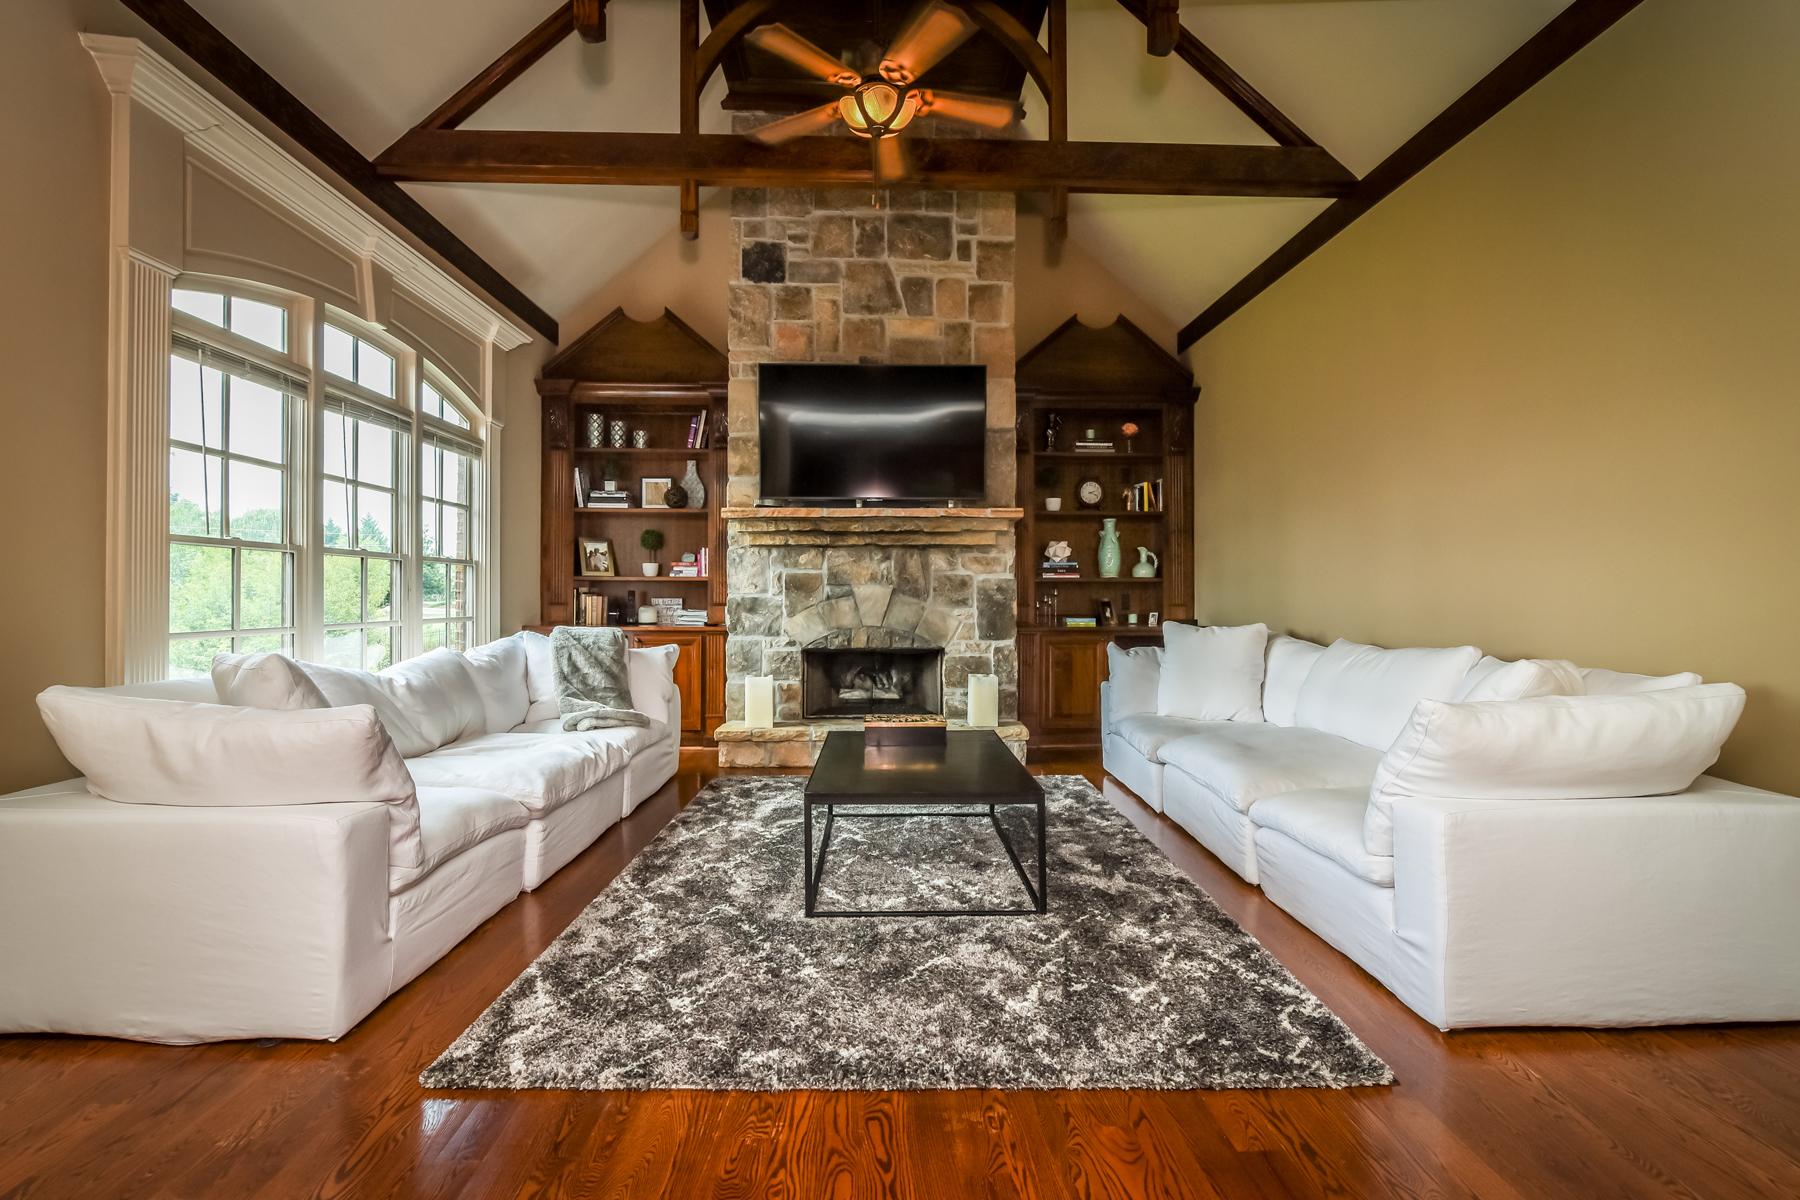 Частный односемейный дом для того Аренда на Unbelievable Opportunity To Live In The Manor 15839 Winterfield Way Alpharetta, Джорджия 30004 Соединенные Штаты